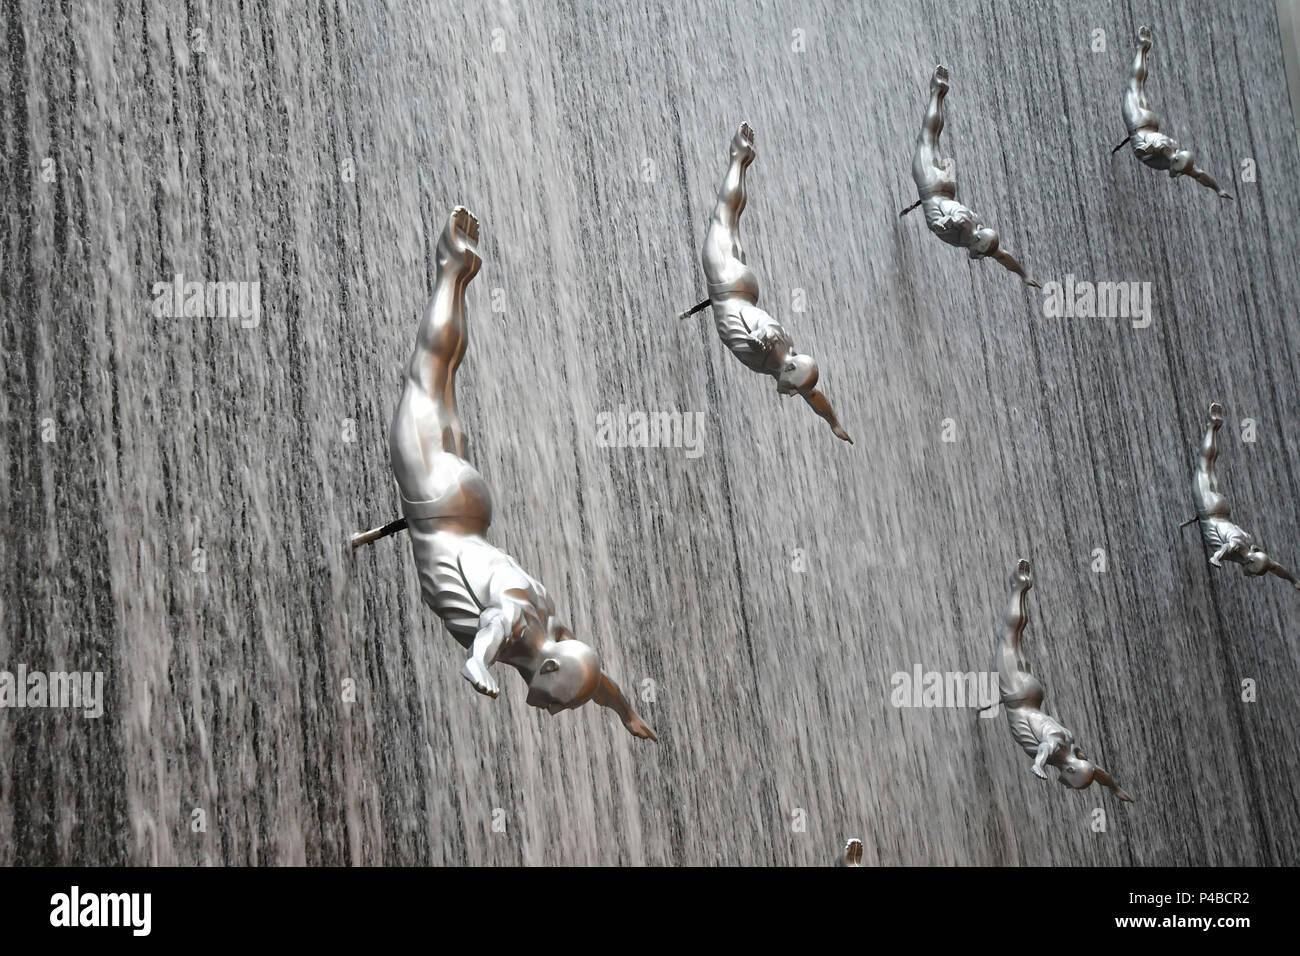 Fliegenden Menschen Wasserfall an der Mole in Dubai, Vereinigte Arabische Emirate, Emirati, Naher Osten, Mittlerer Osten Stockbild